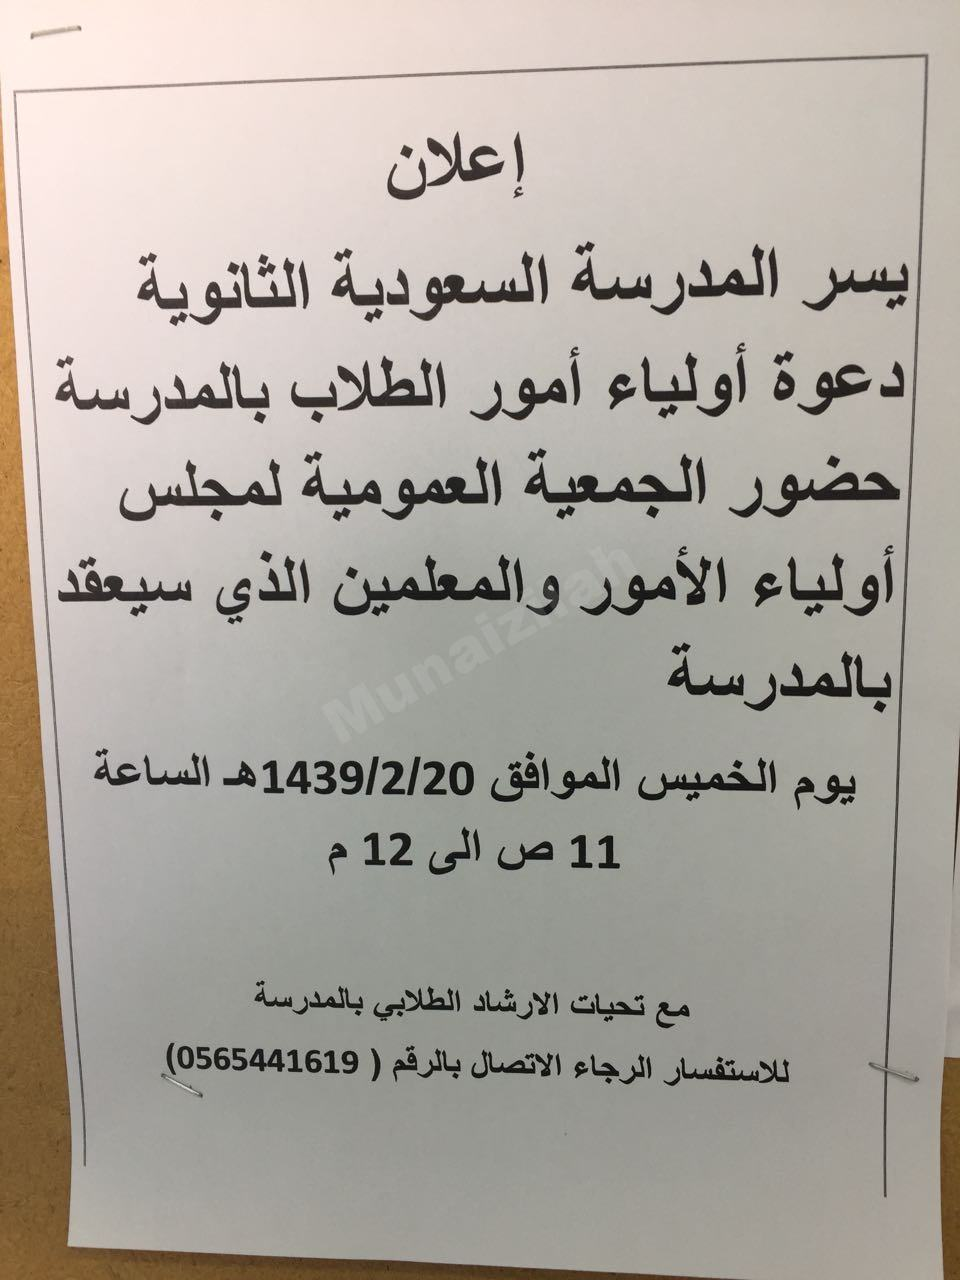 السعودية الثانوية بالمنيزلة تدعو لمجلس أولياء الأمور